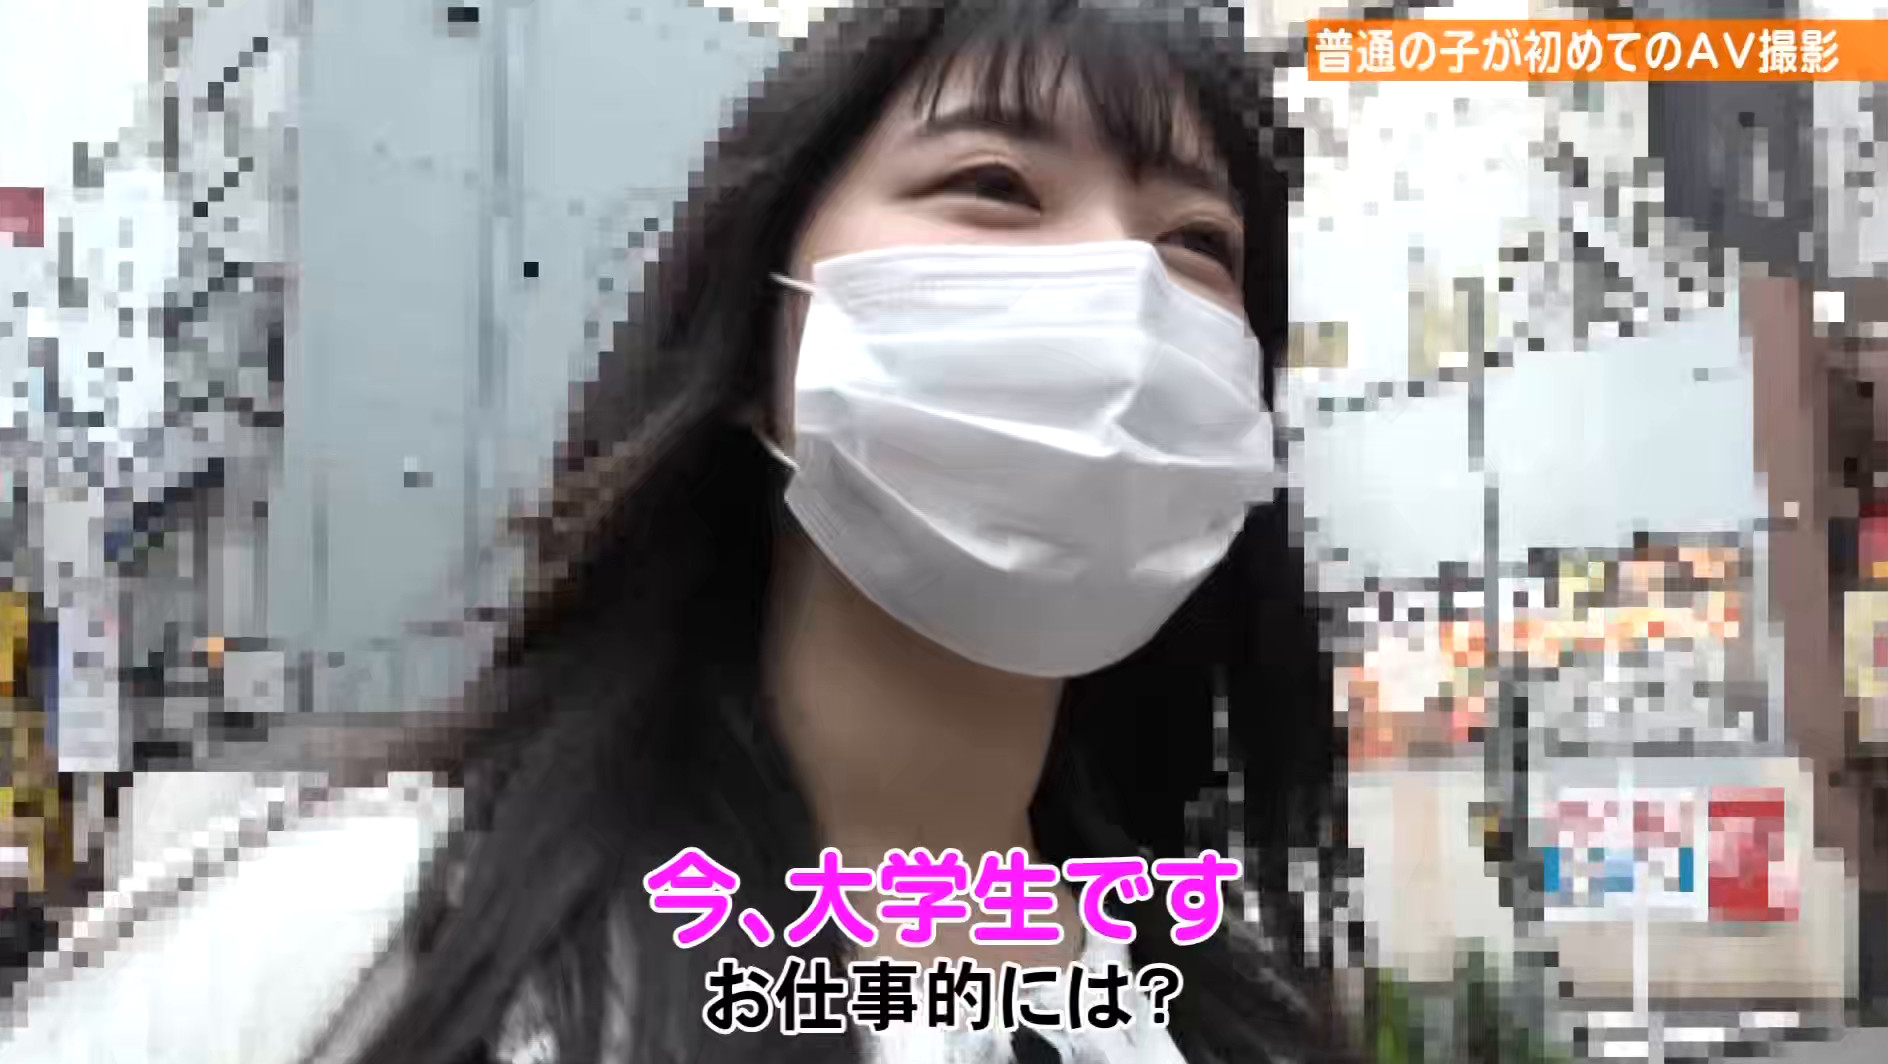 マスク着用を条件に自宅でエッチな撮影を了承してくれた普通の女子大生 ももちゃん 22歳